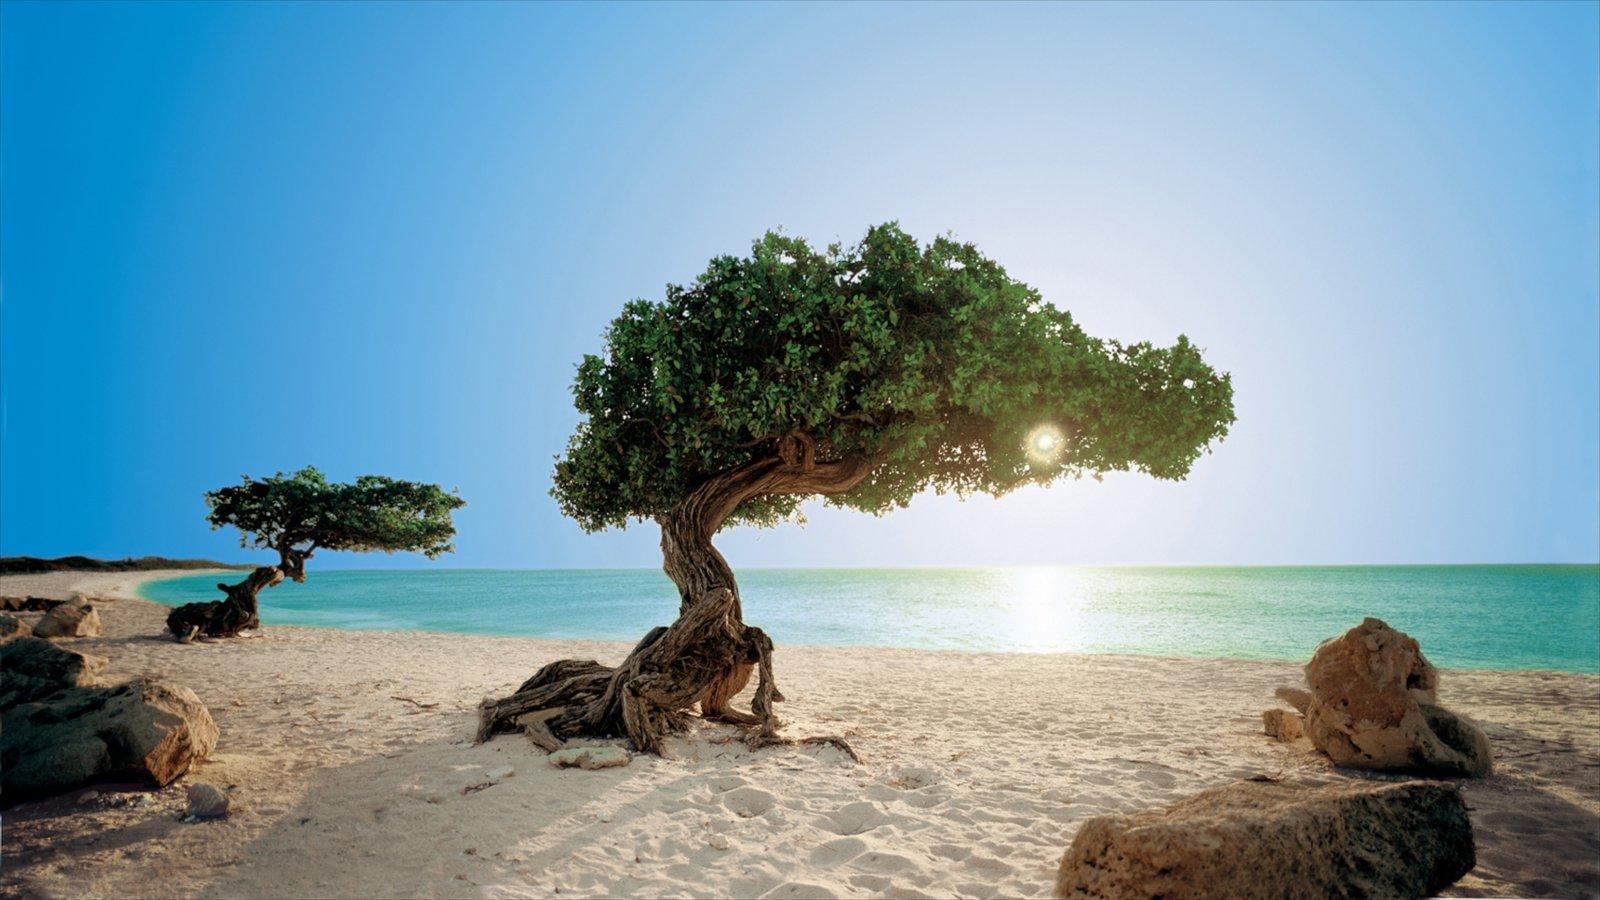 aruba ofreciendo vistas de paisajes y una playa de arena